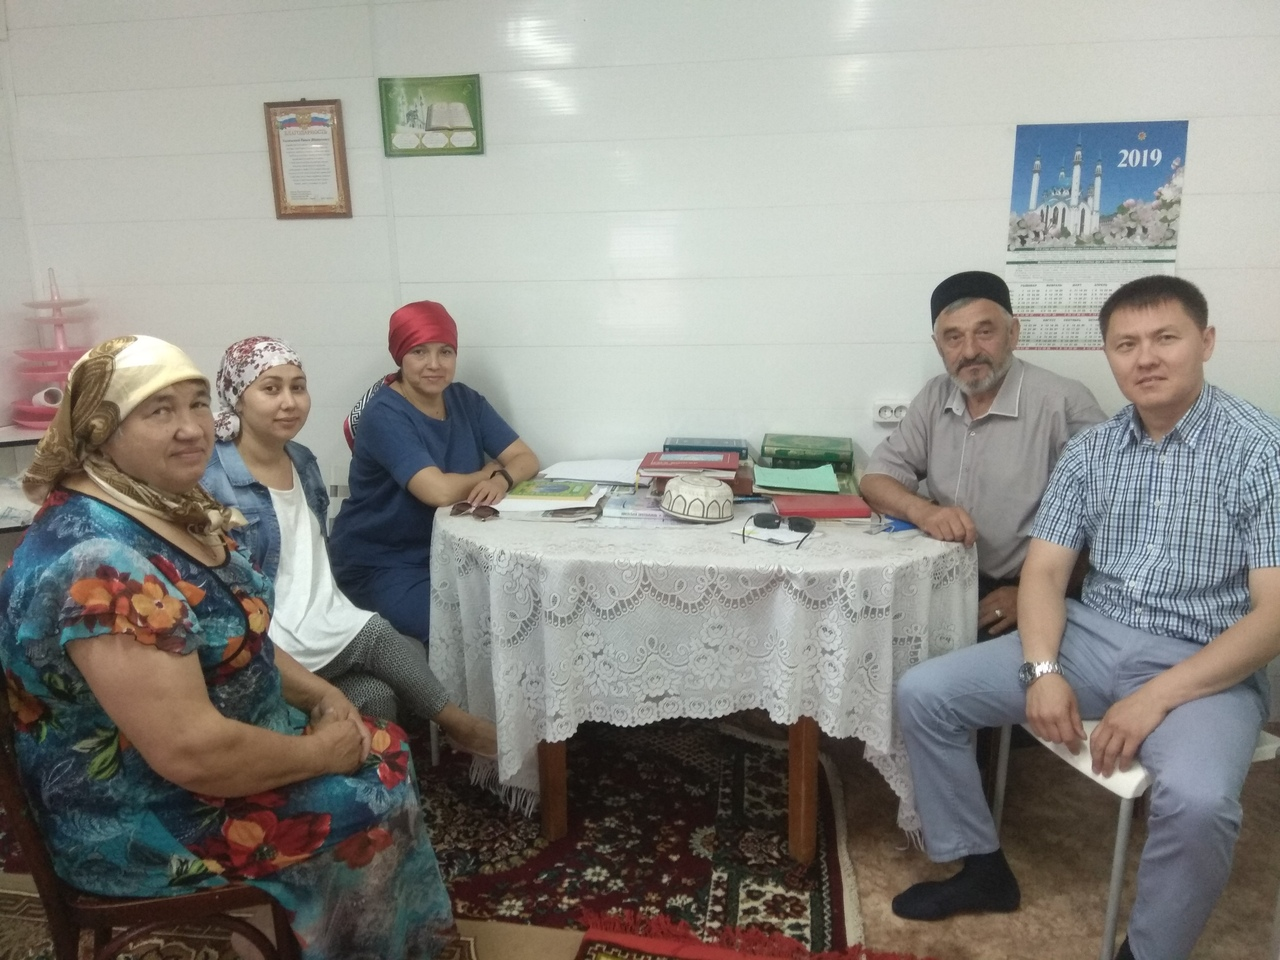 Мечеть, Большеречье, Омская, Мусульмане, Татары